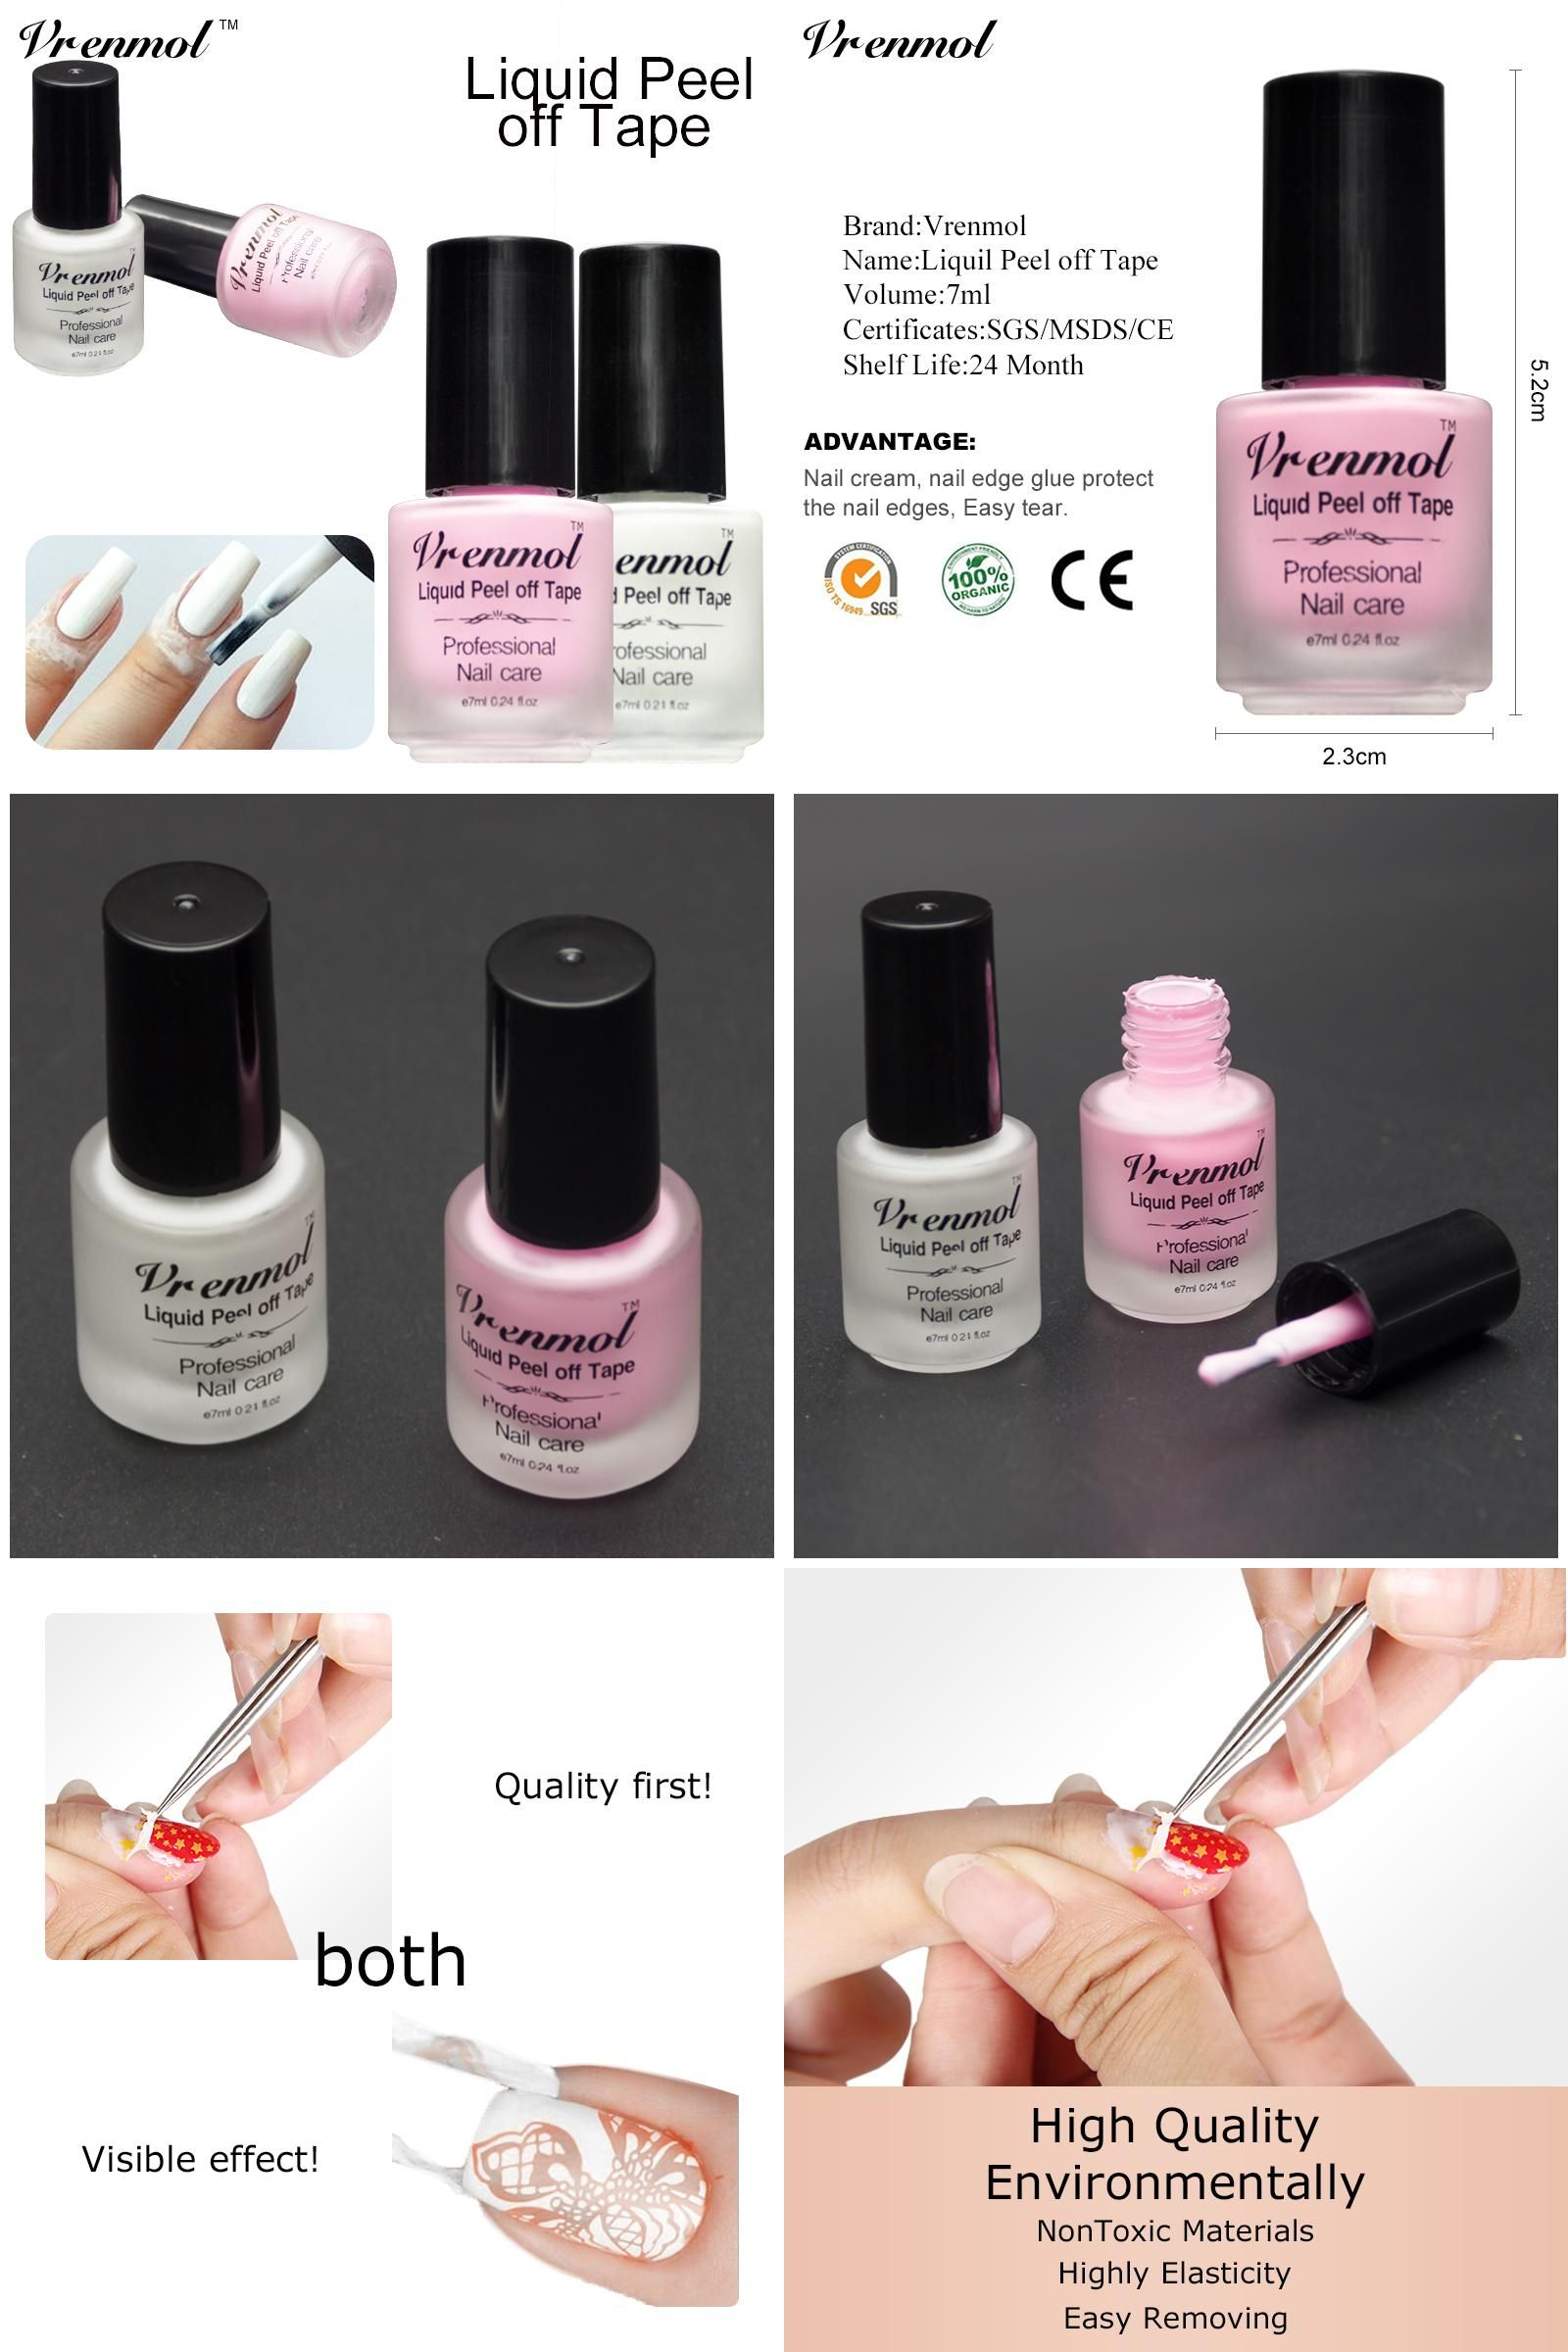 Liquid nails: application, advantages